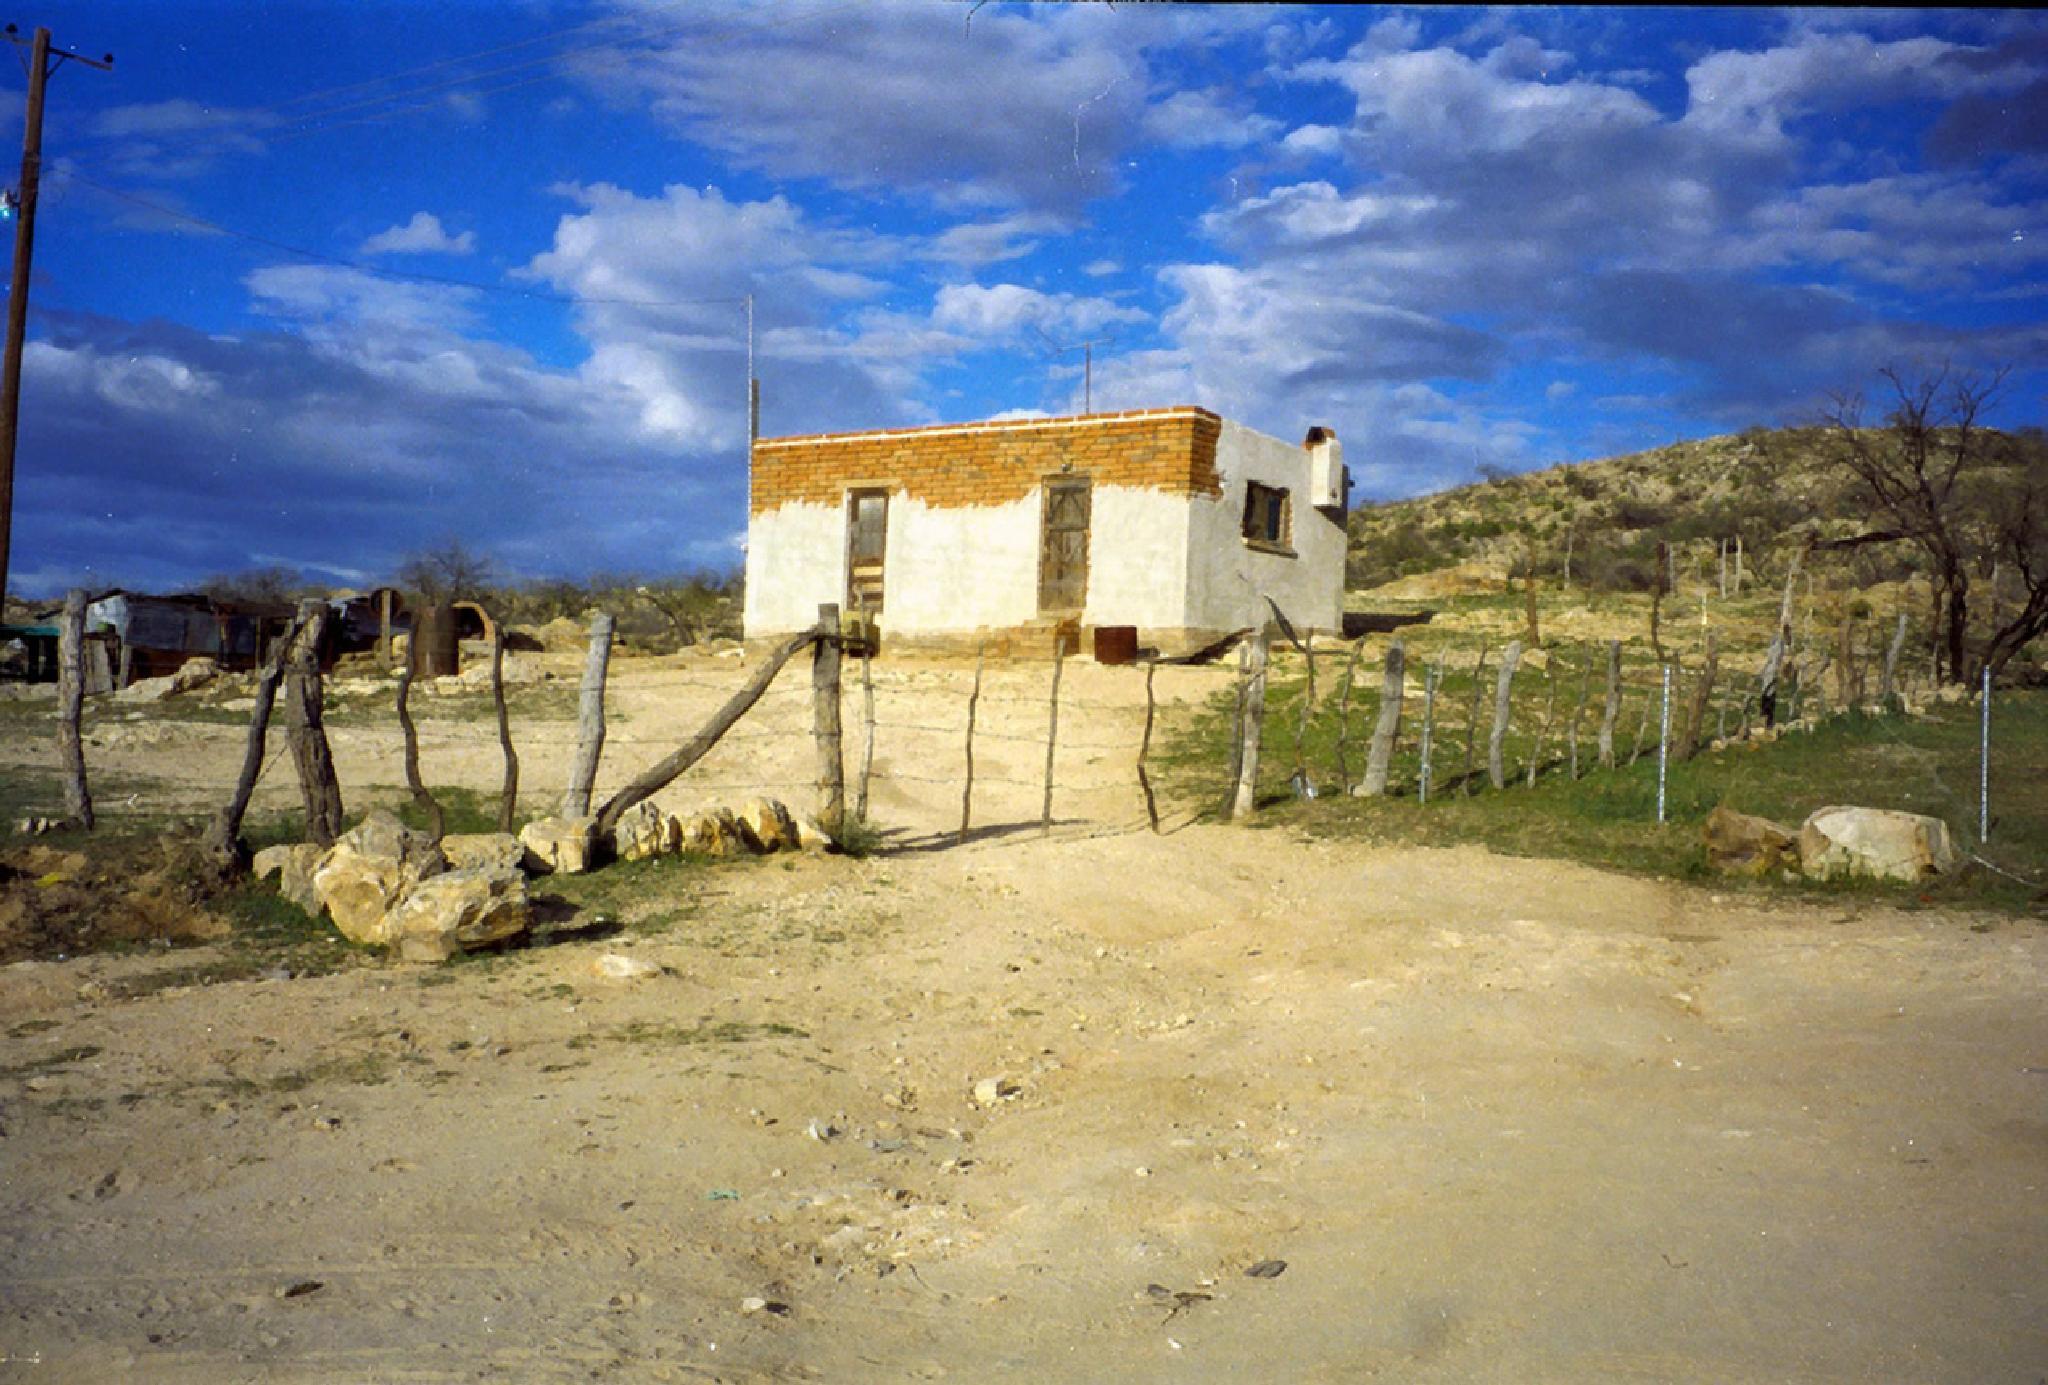 Roadside in Mexico by jeanne.winstead